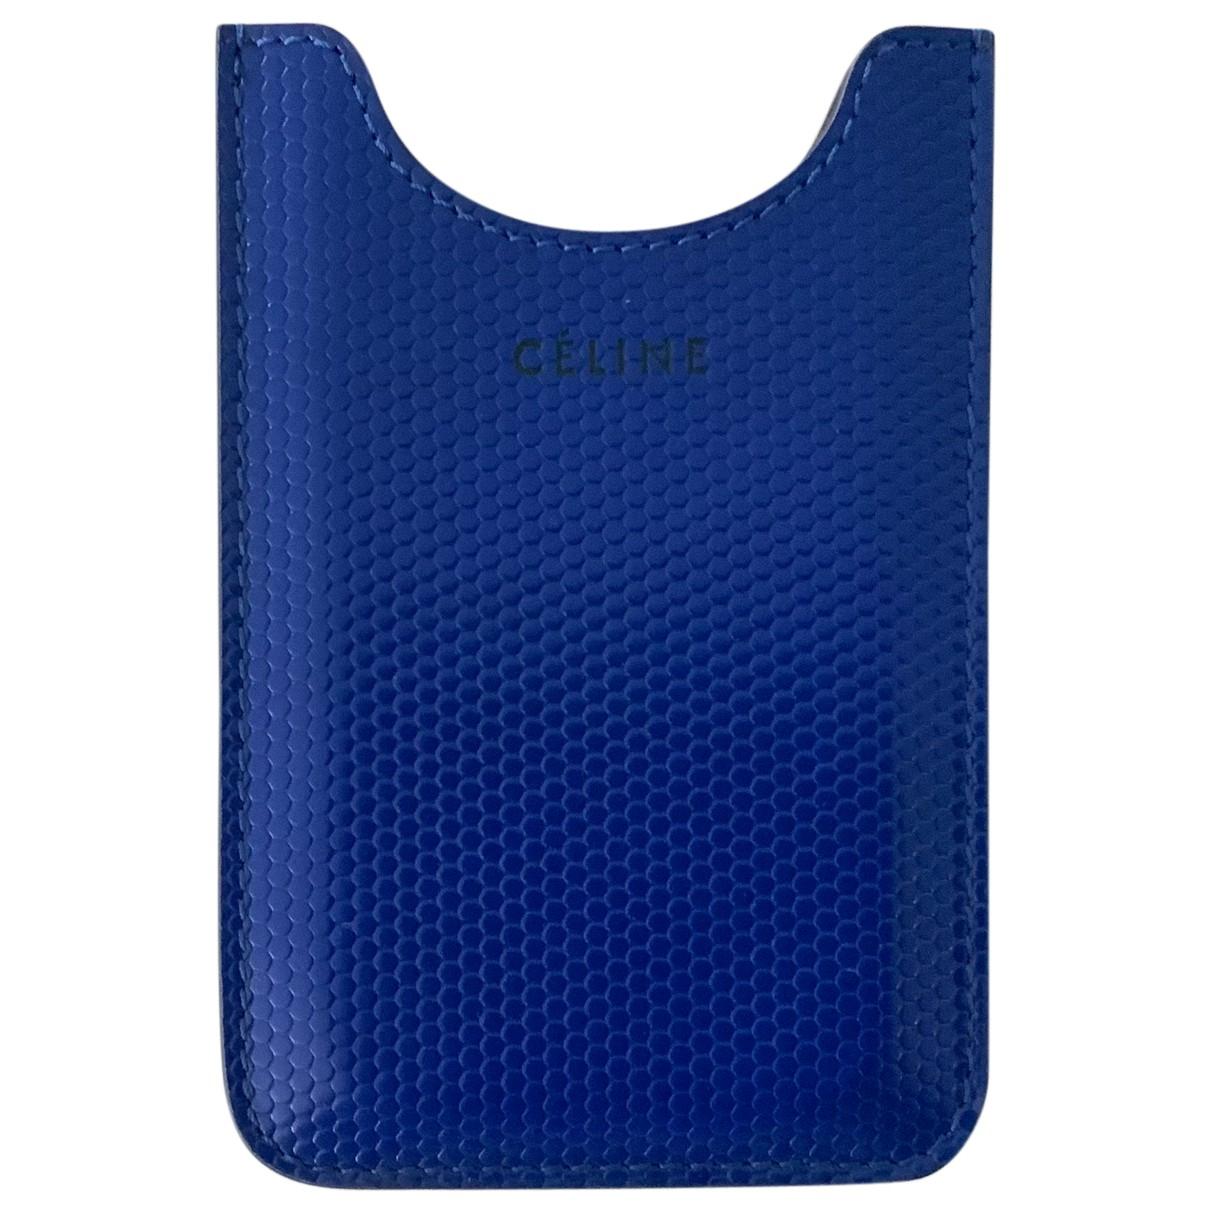 Celine - Objets & Deco   pour lifestyle en cuir - bleu